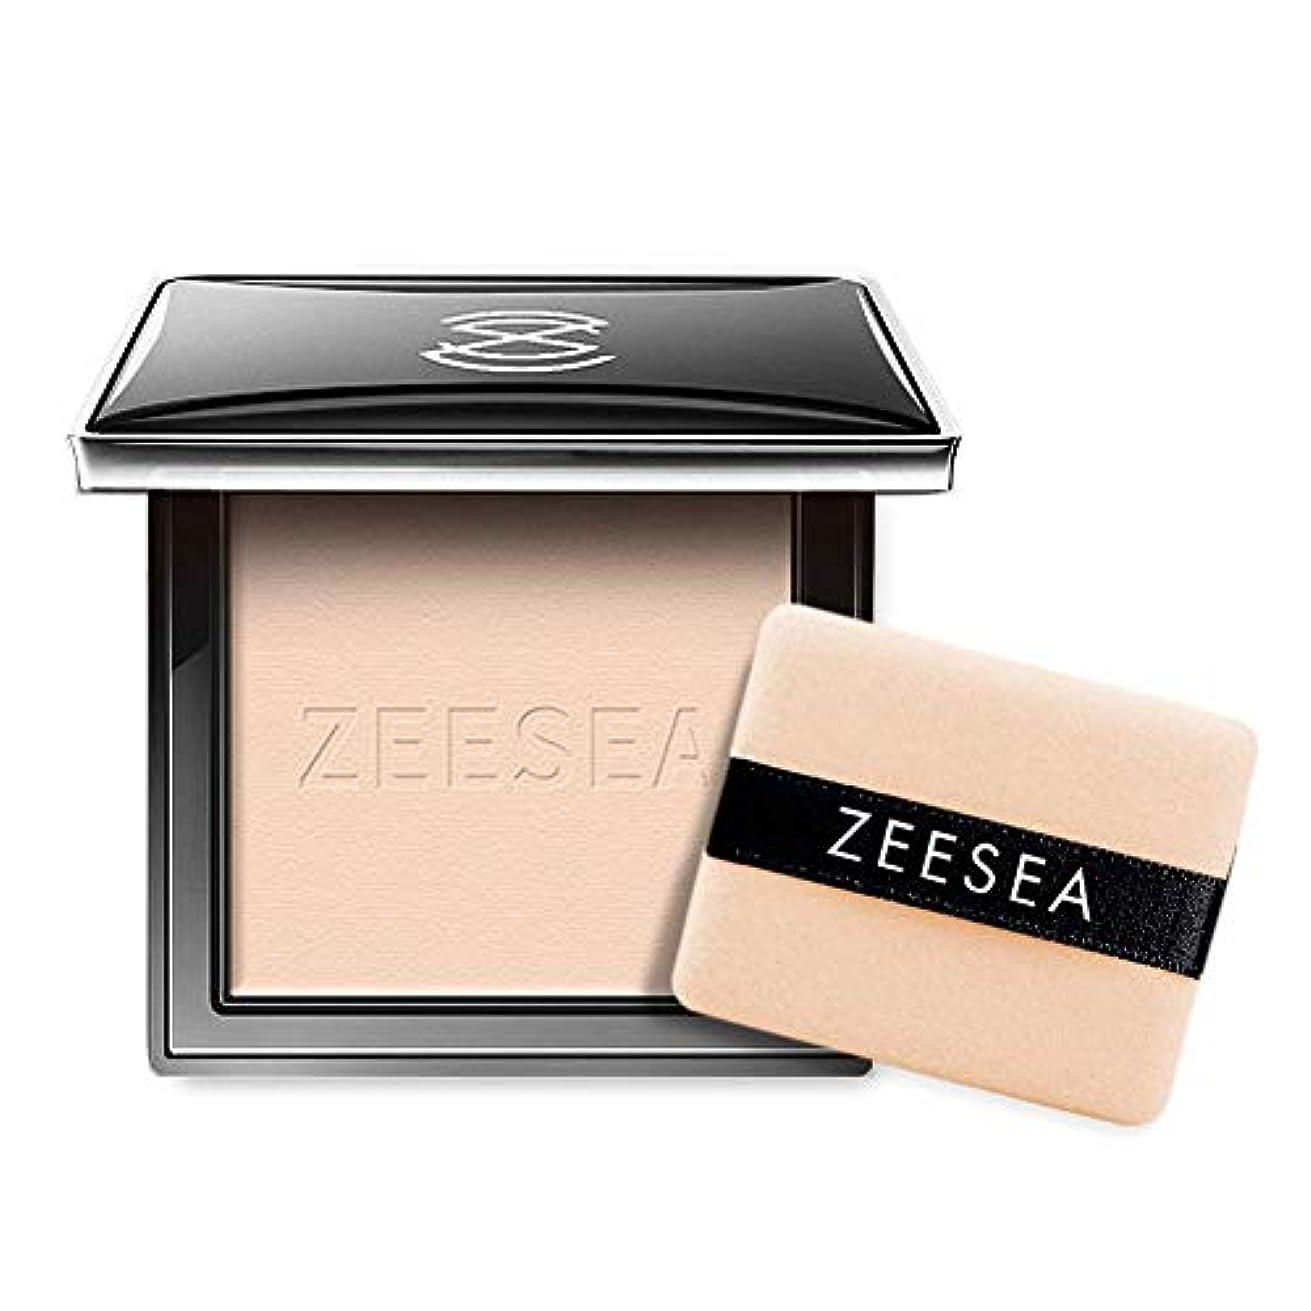 傾向乏しい氏Zeesea フェイスパウダーファンデーション(パフ付き) テカリ防止効果のあるかつウォータープルーフコンシーラかつ美しくシェーディング (#00明るい肌色)